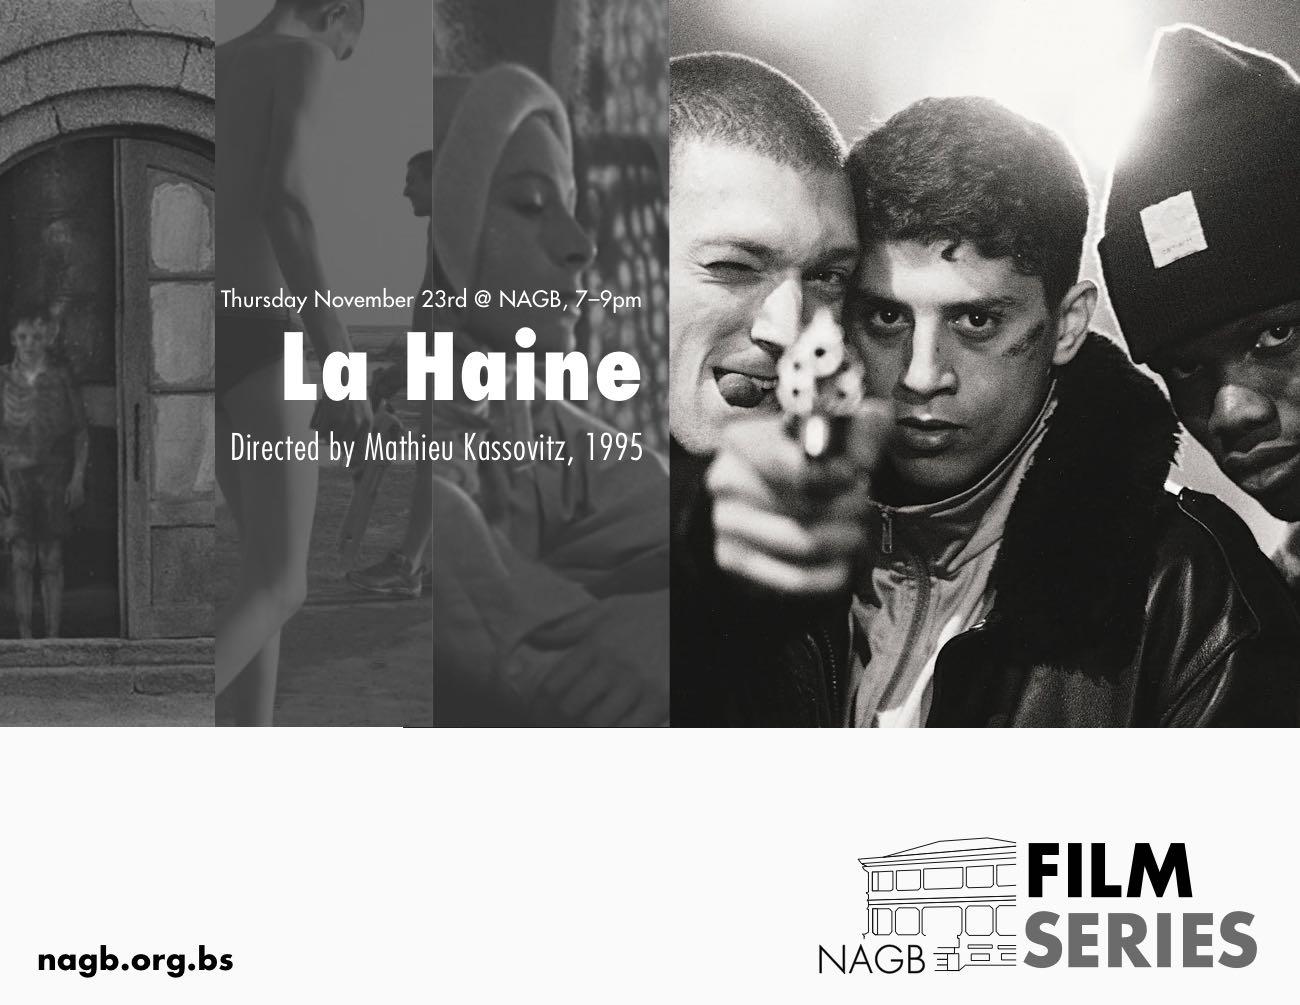 NAGB Film Series presents the award winning La Haine